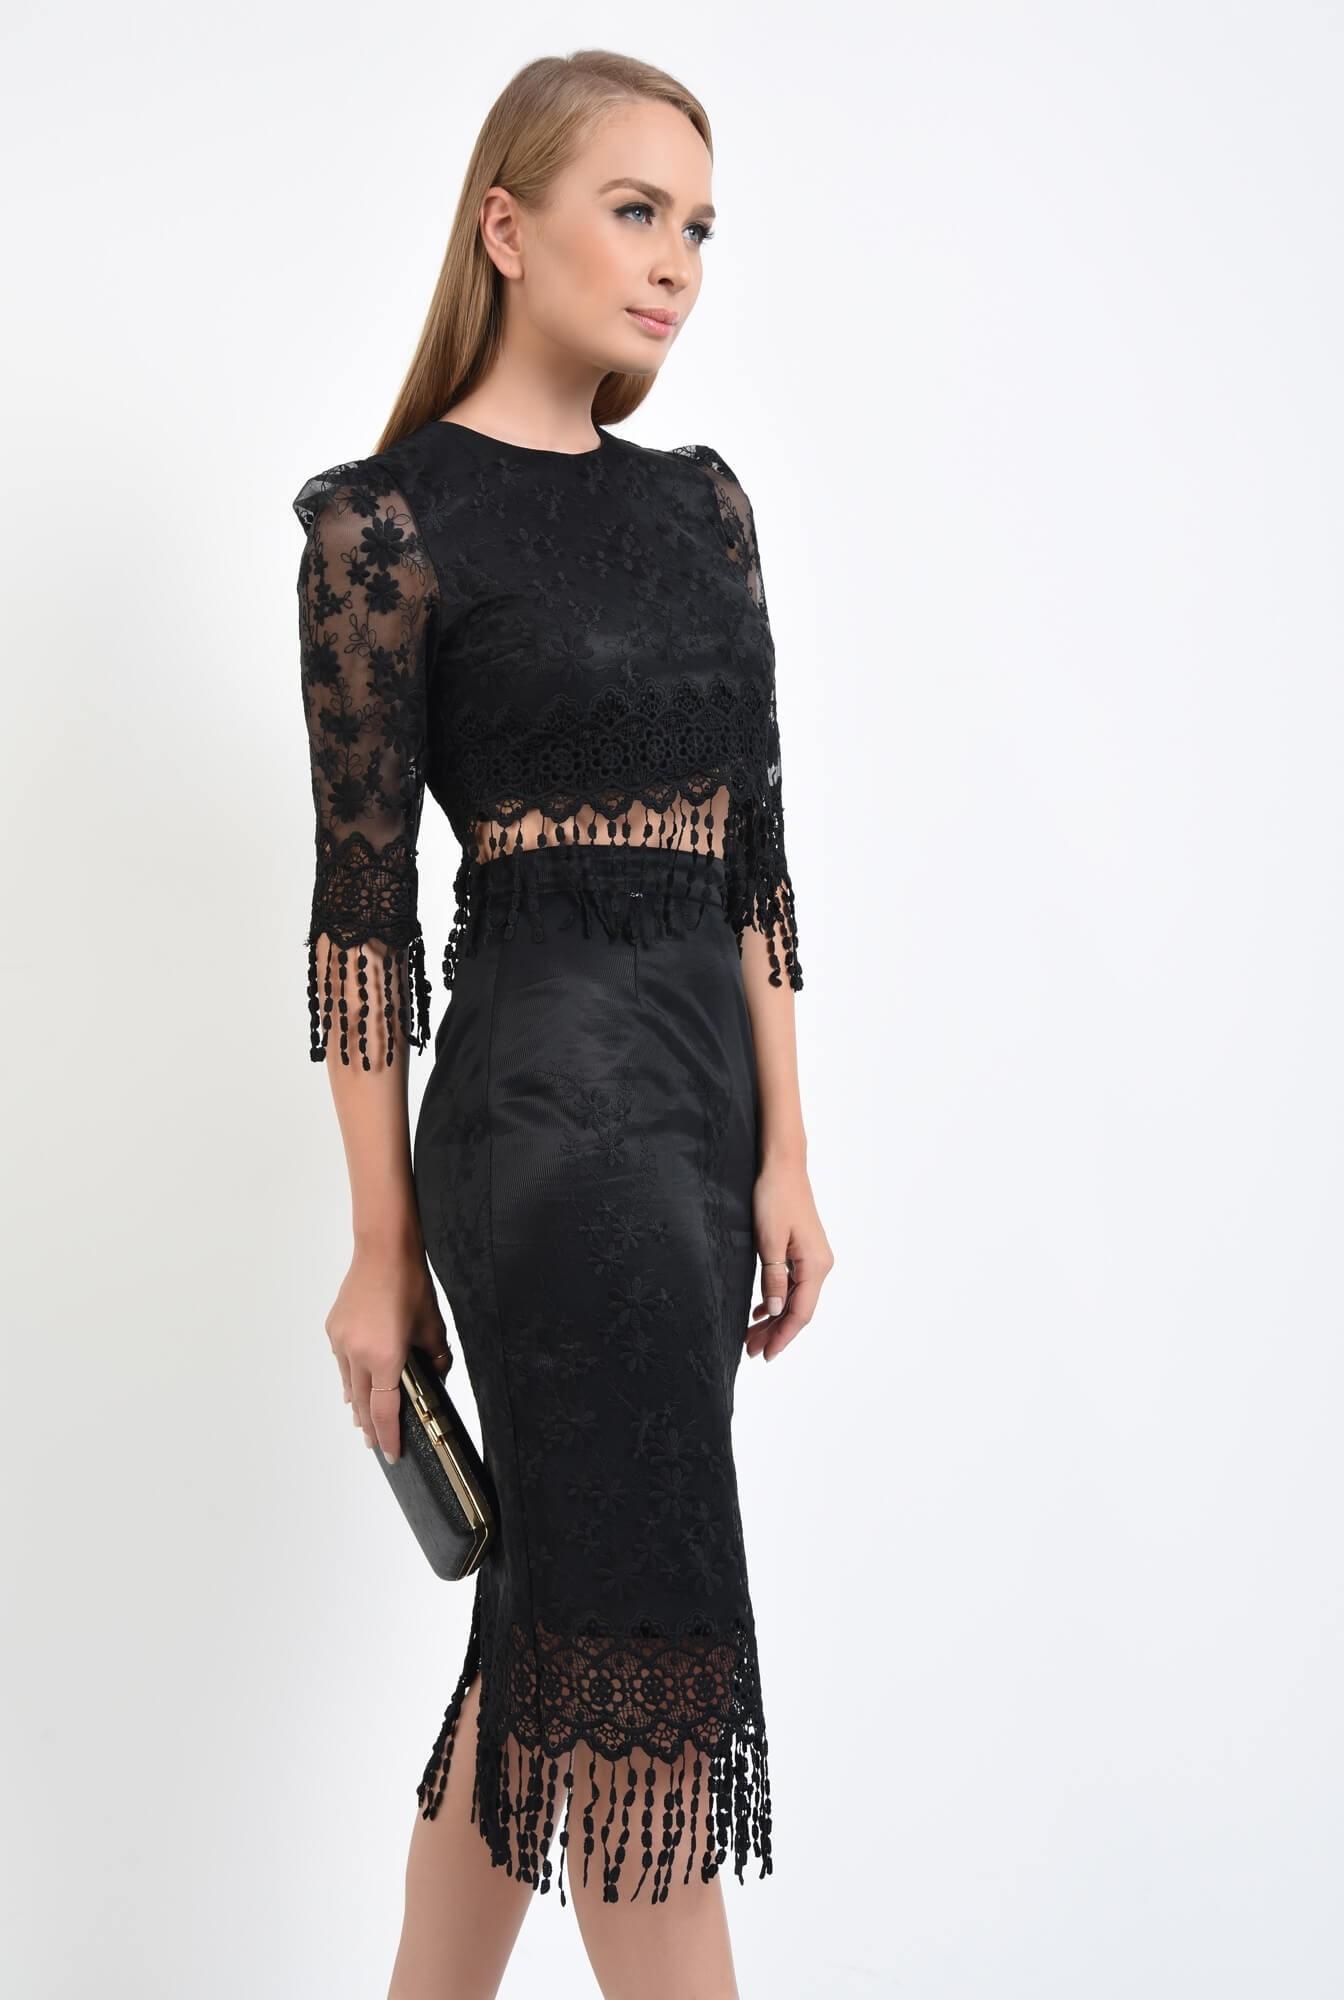 3 - bluza eleganta, cropped top, dantela, negru